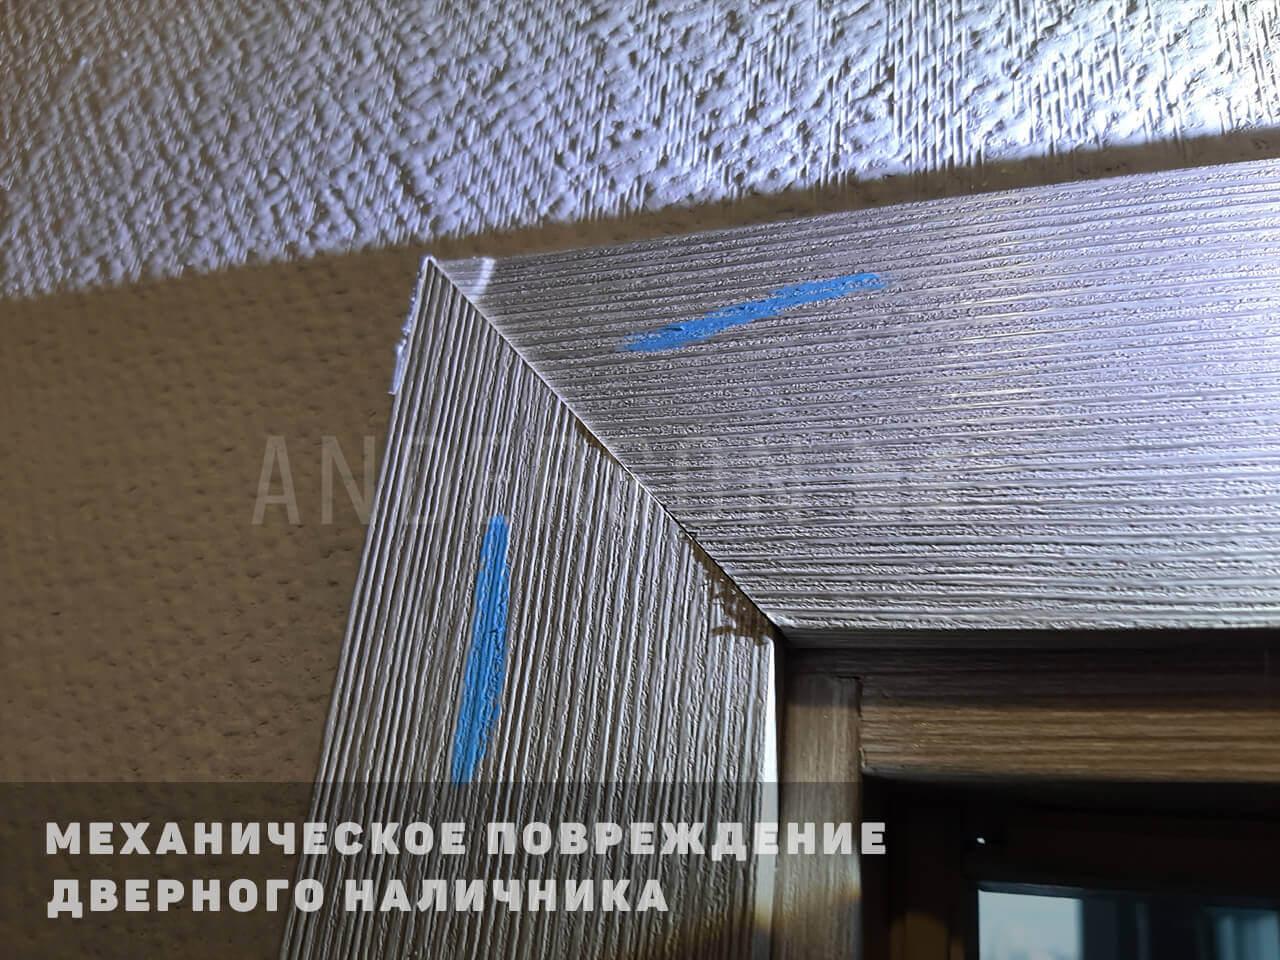 Механическое повреждение дверного наличника